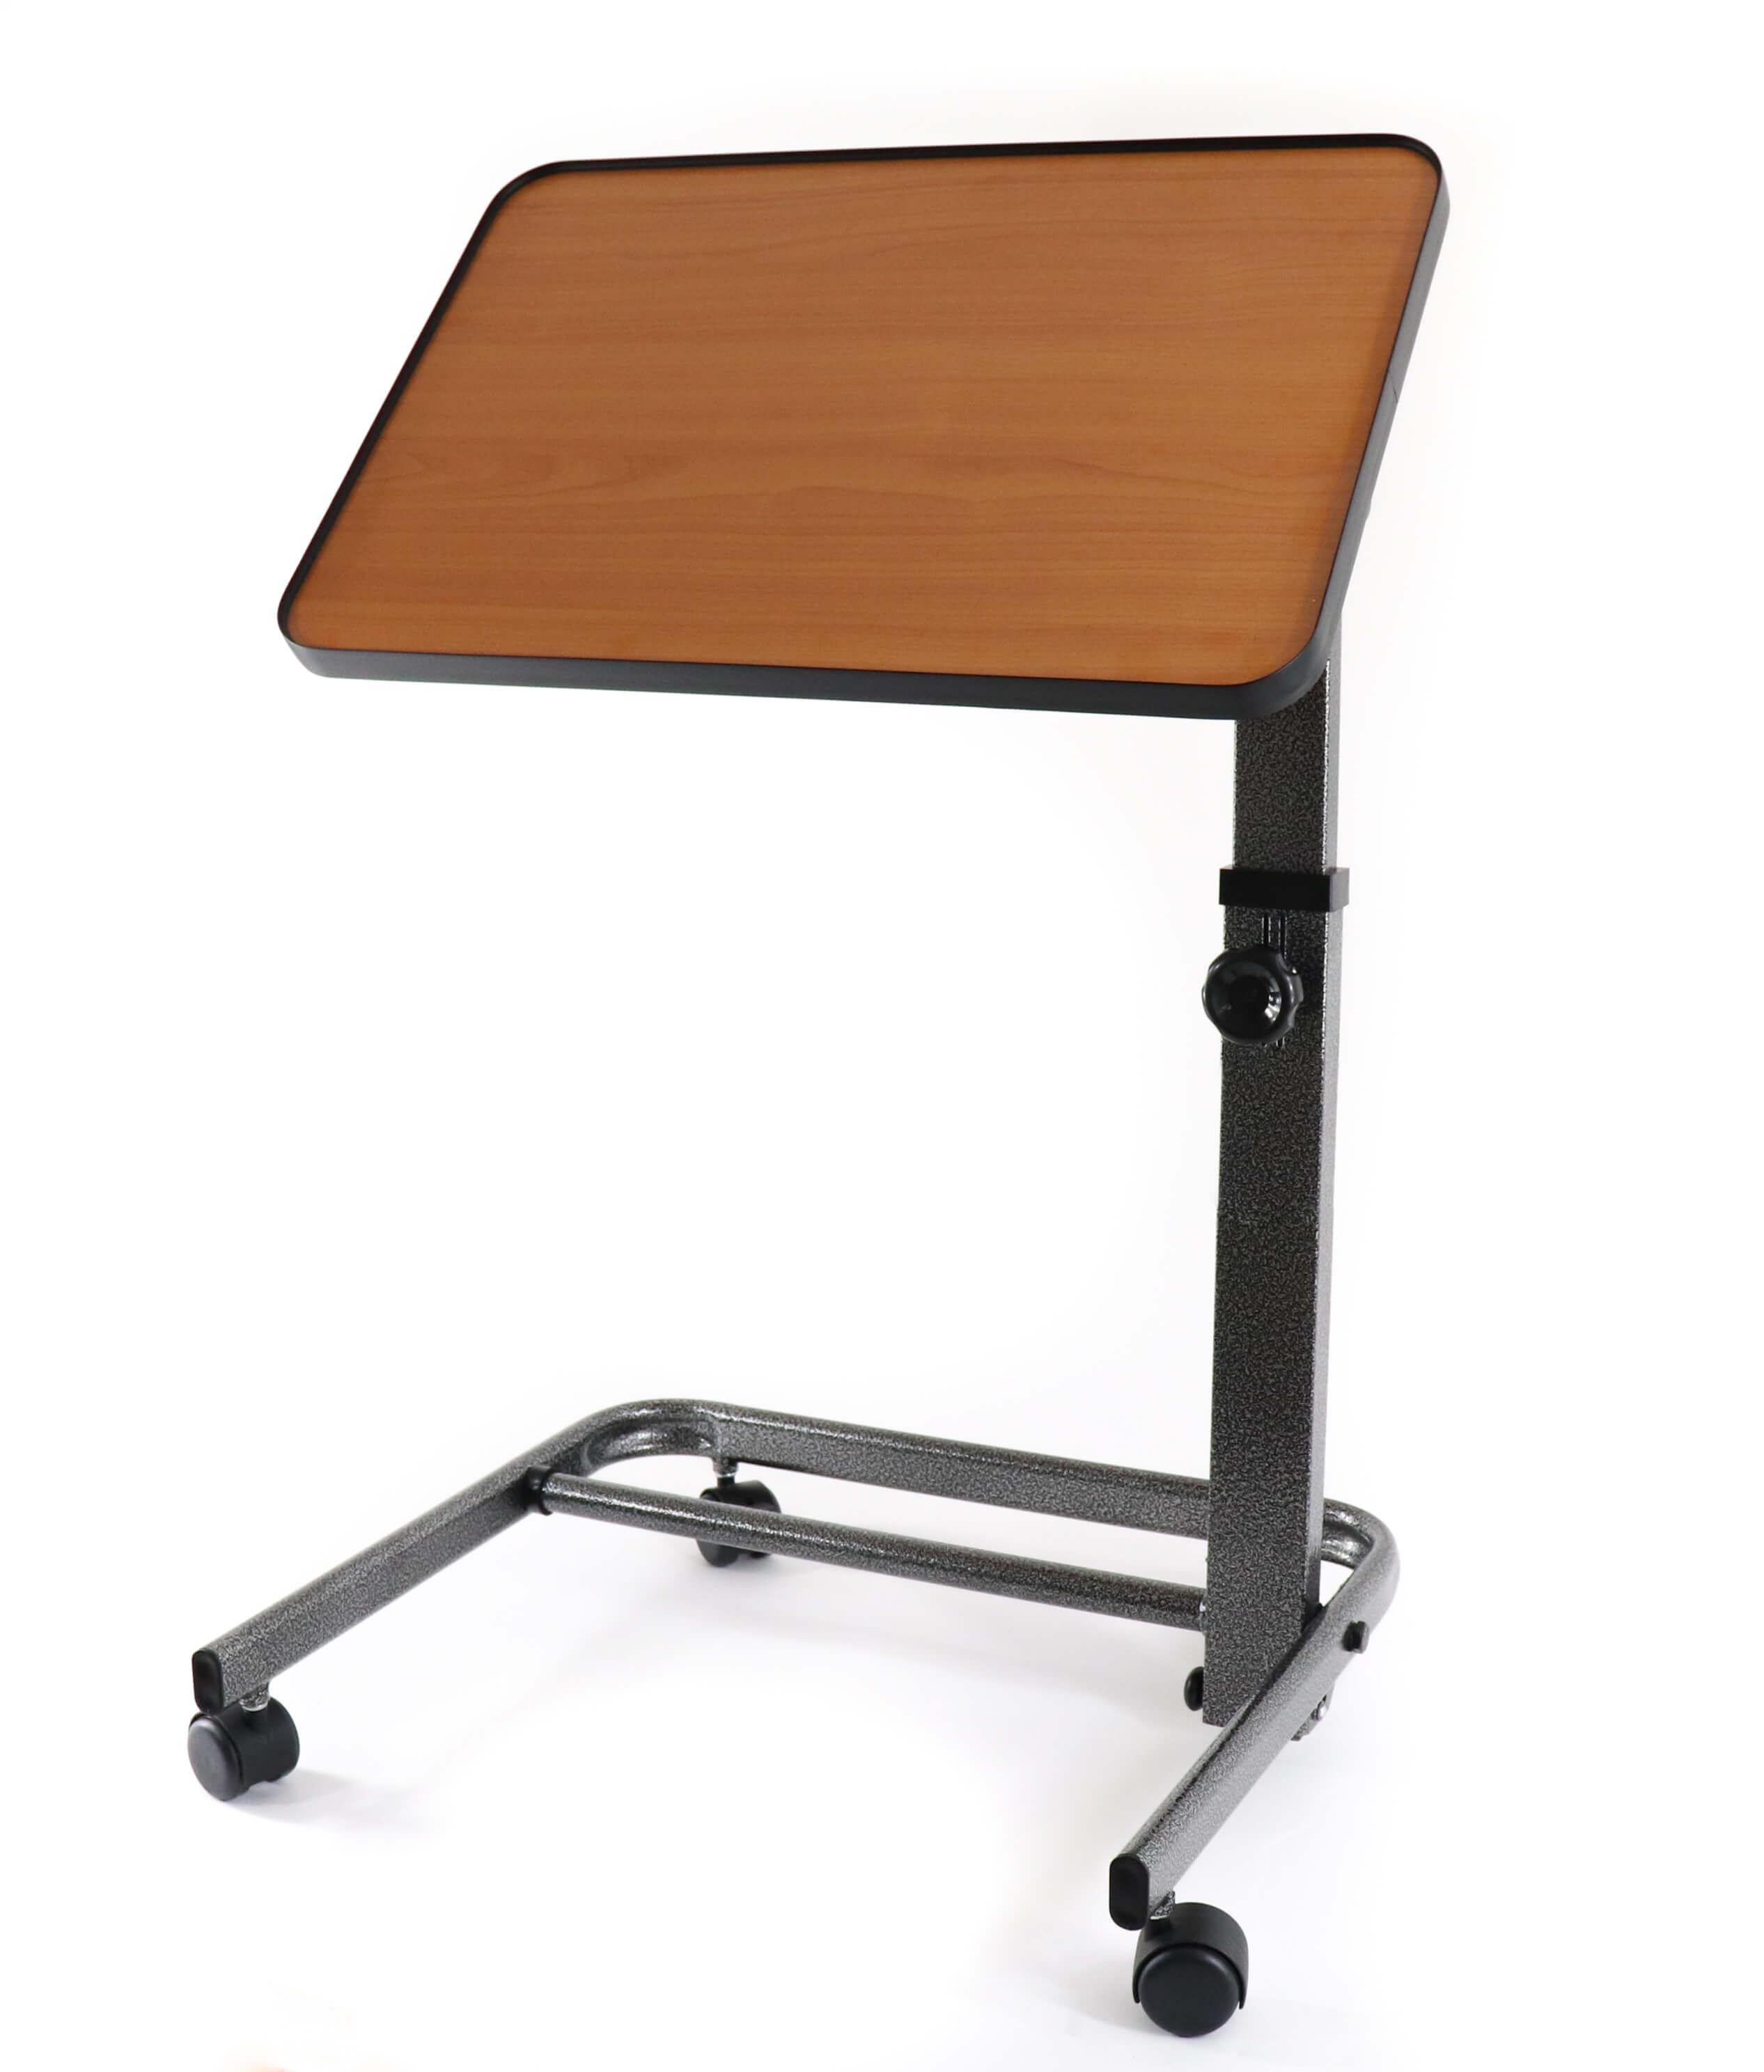 Sängbord med vinklad bordplatta